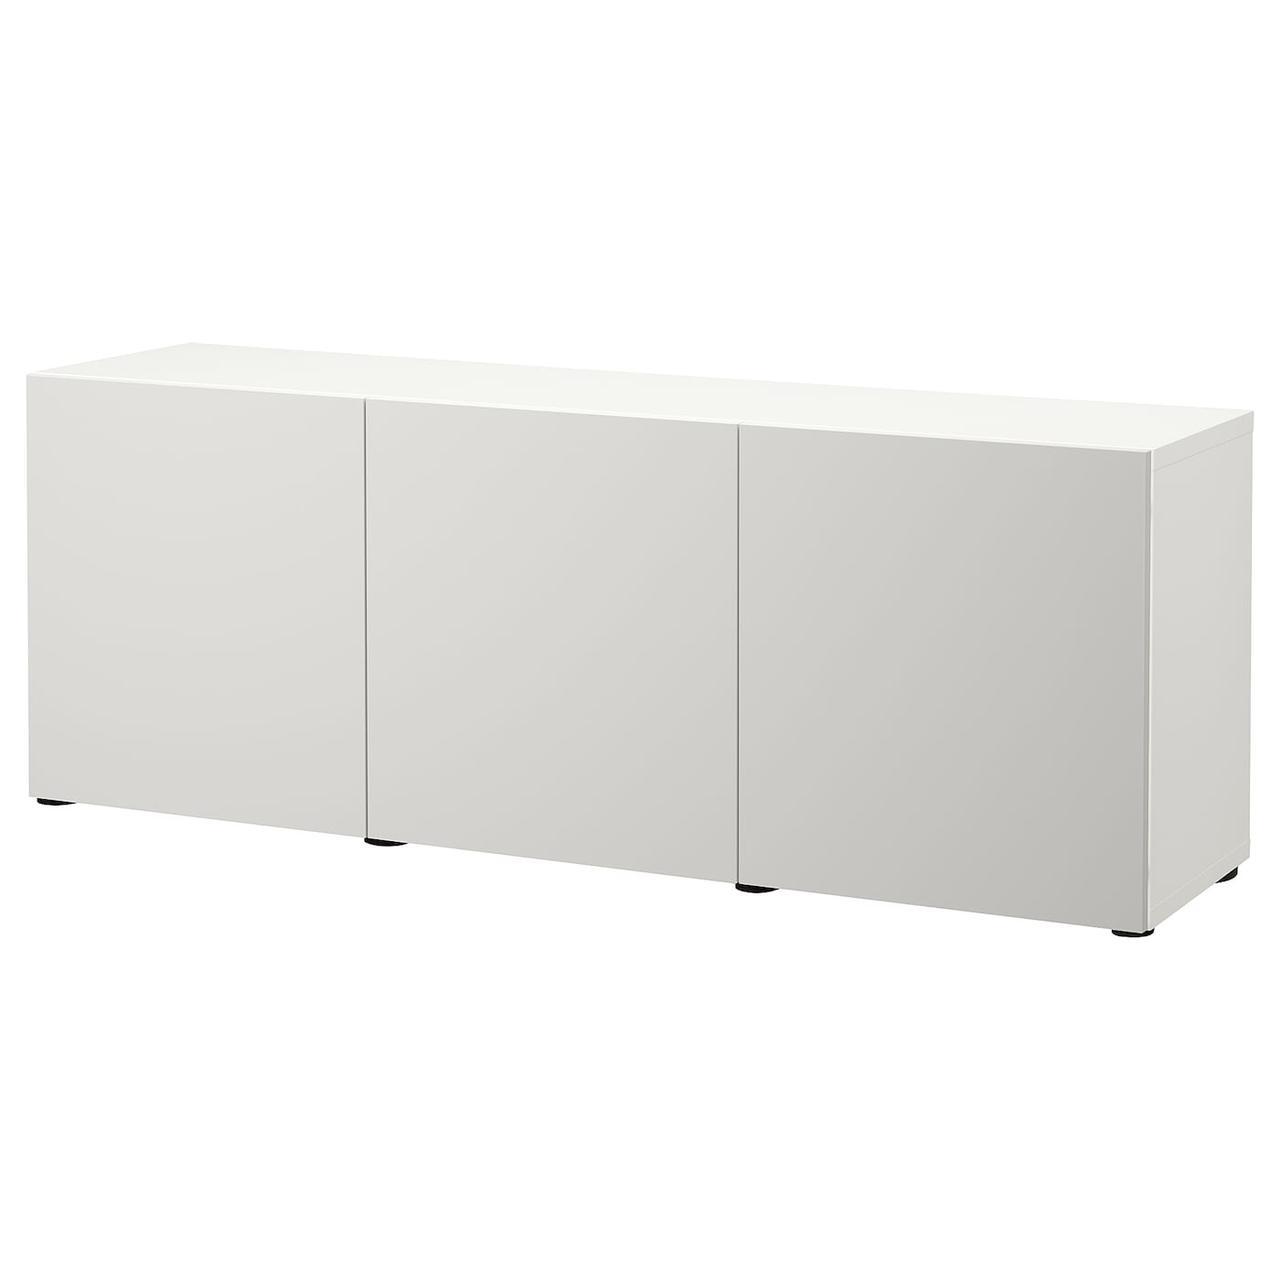 IKEA BESTÅ Комбінація з дверцятами білий/Lappviken світло - 180x42x65 см